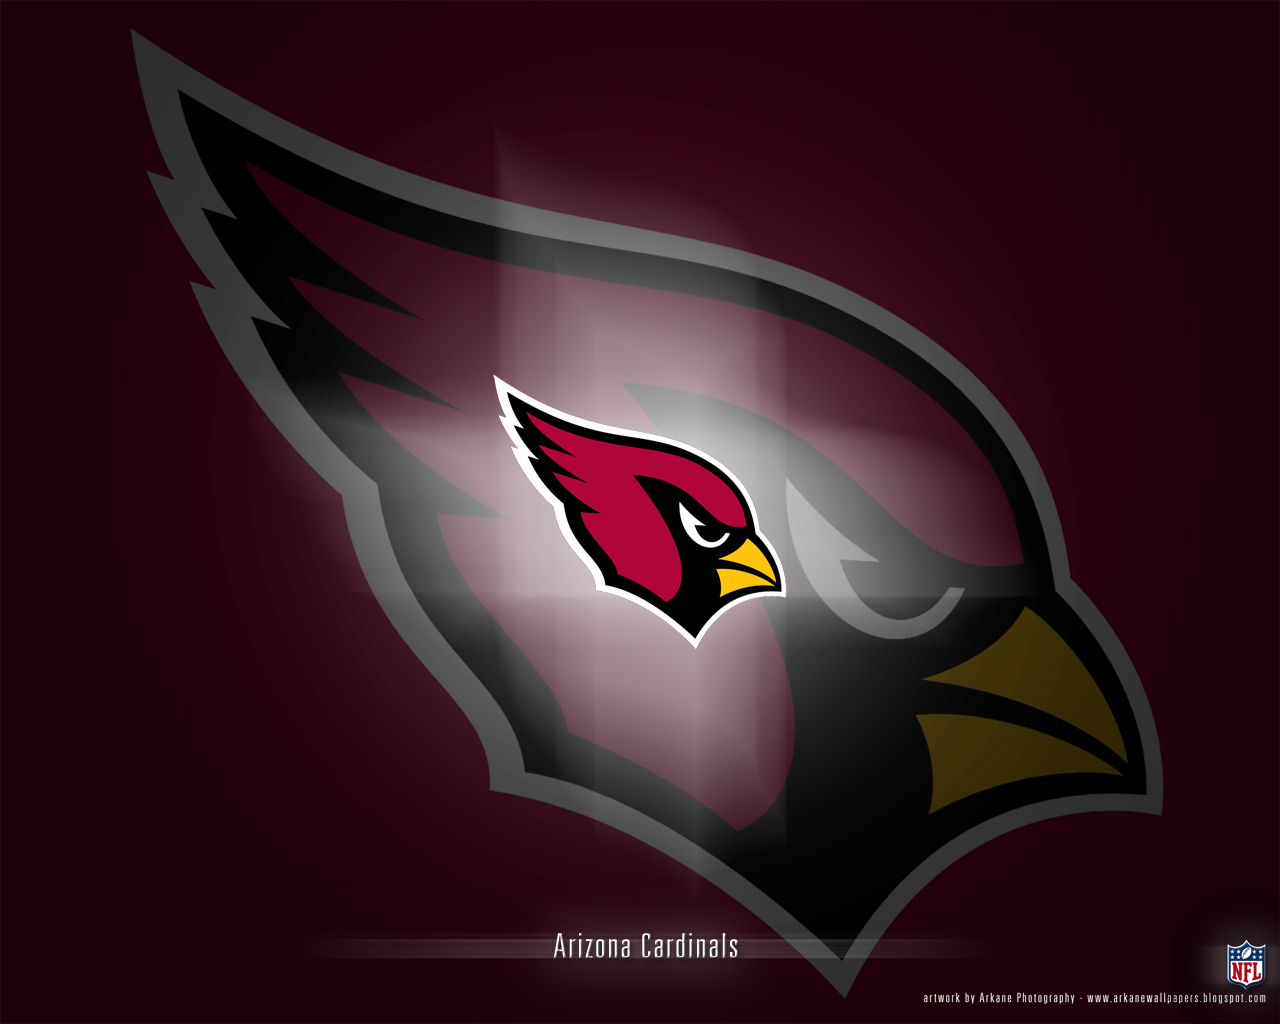 Arkane NFL Wallpapers Arizona Cardinals Vol 1 1280x1024